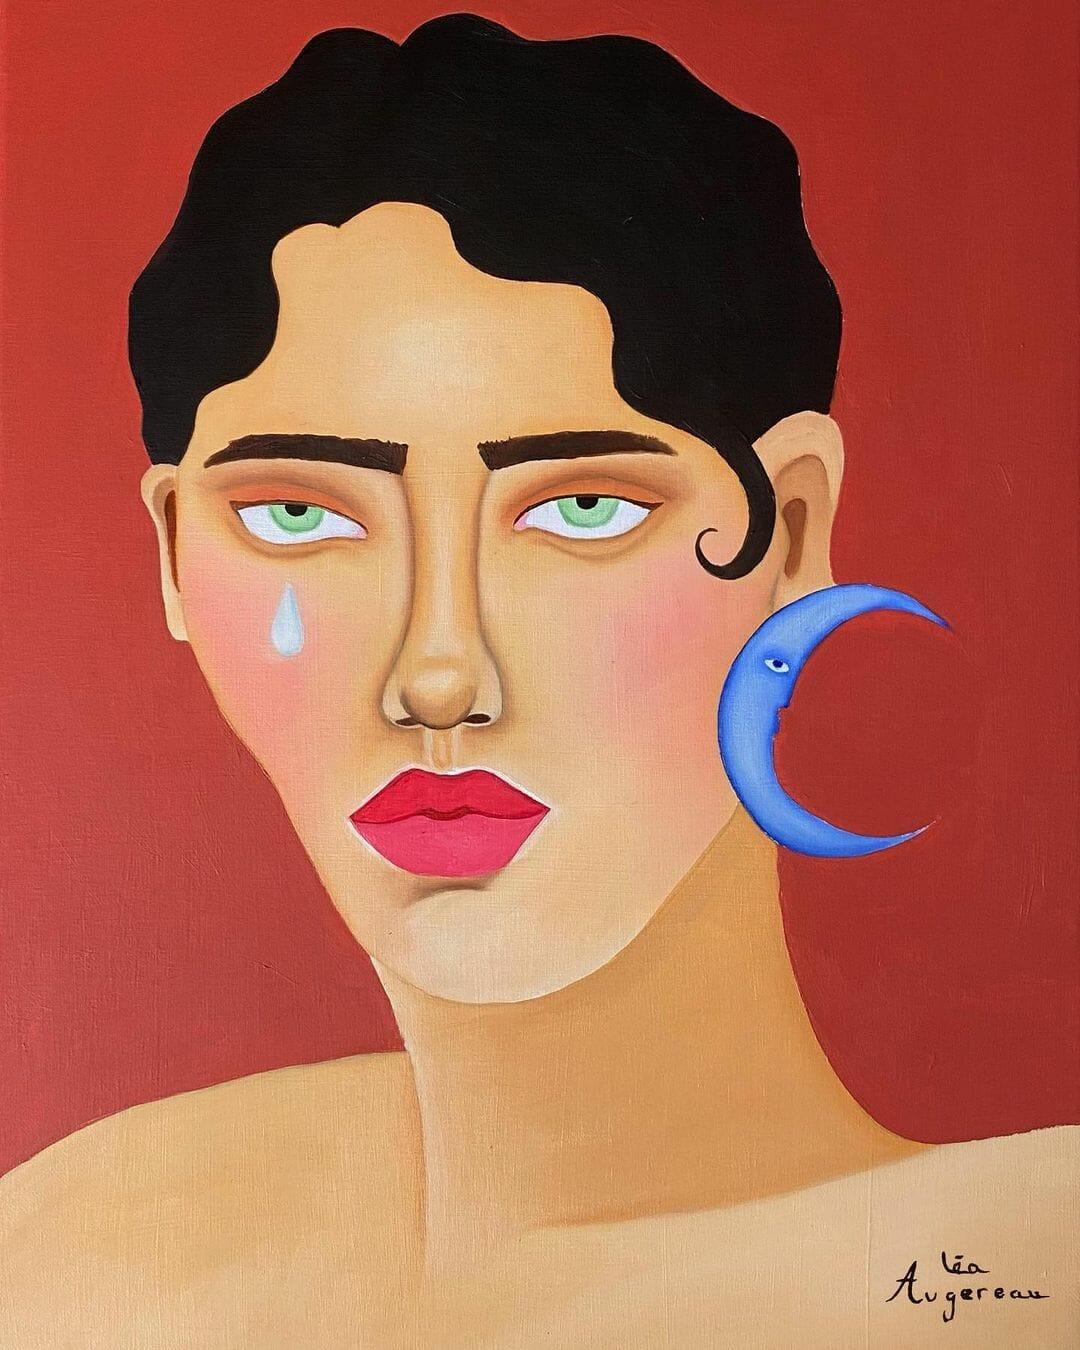 Portrait de femme sur fond ocre. A droite, une larme coule sur sa joue, à gauche elle porte une lune bleue en boucle d'oreille.